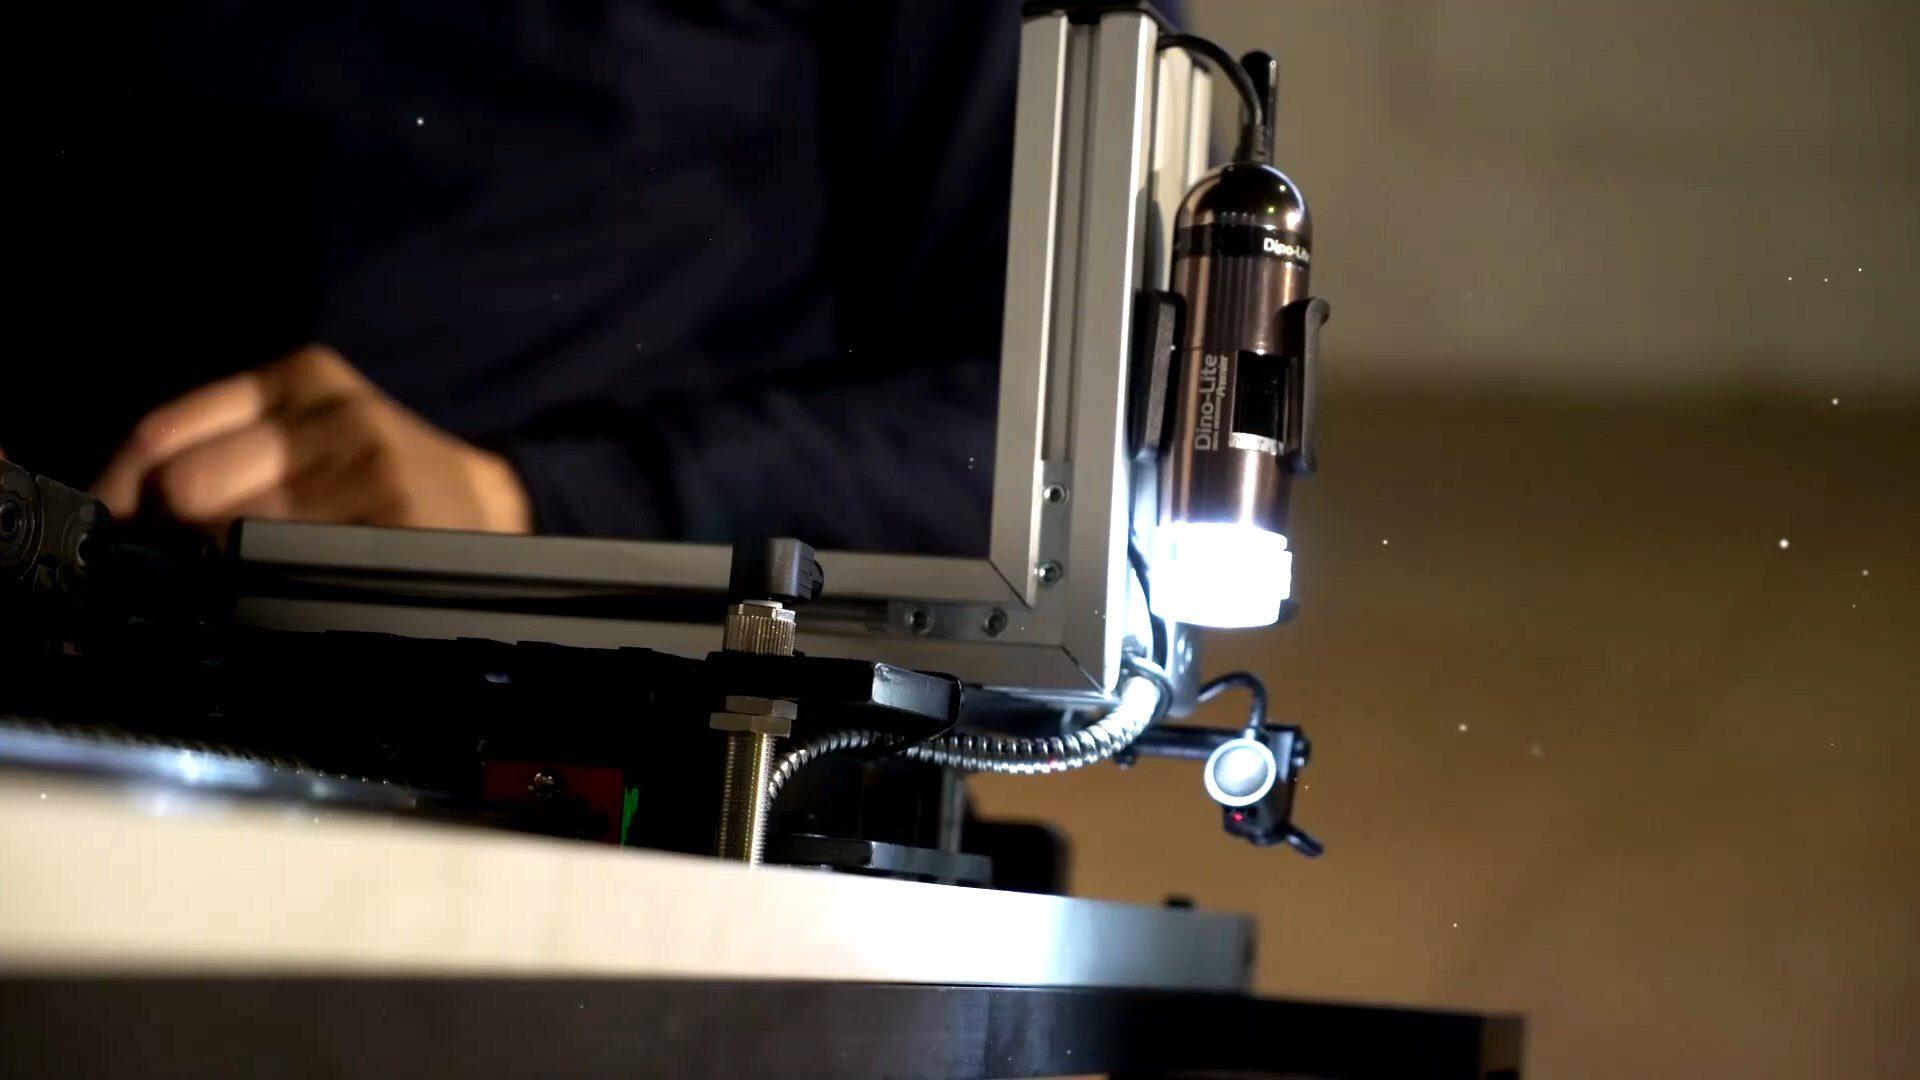 Makine Tanıtım Filmi EMS 5000 İngilizce Anlatım 4 1920x1080 - Emos Group EMS 5000 Ürün Tanıtım Filmi